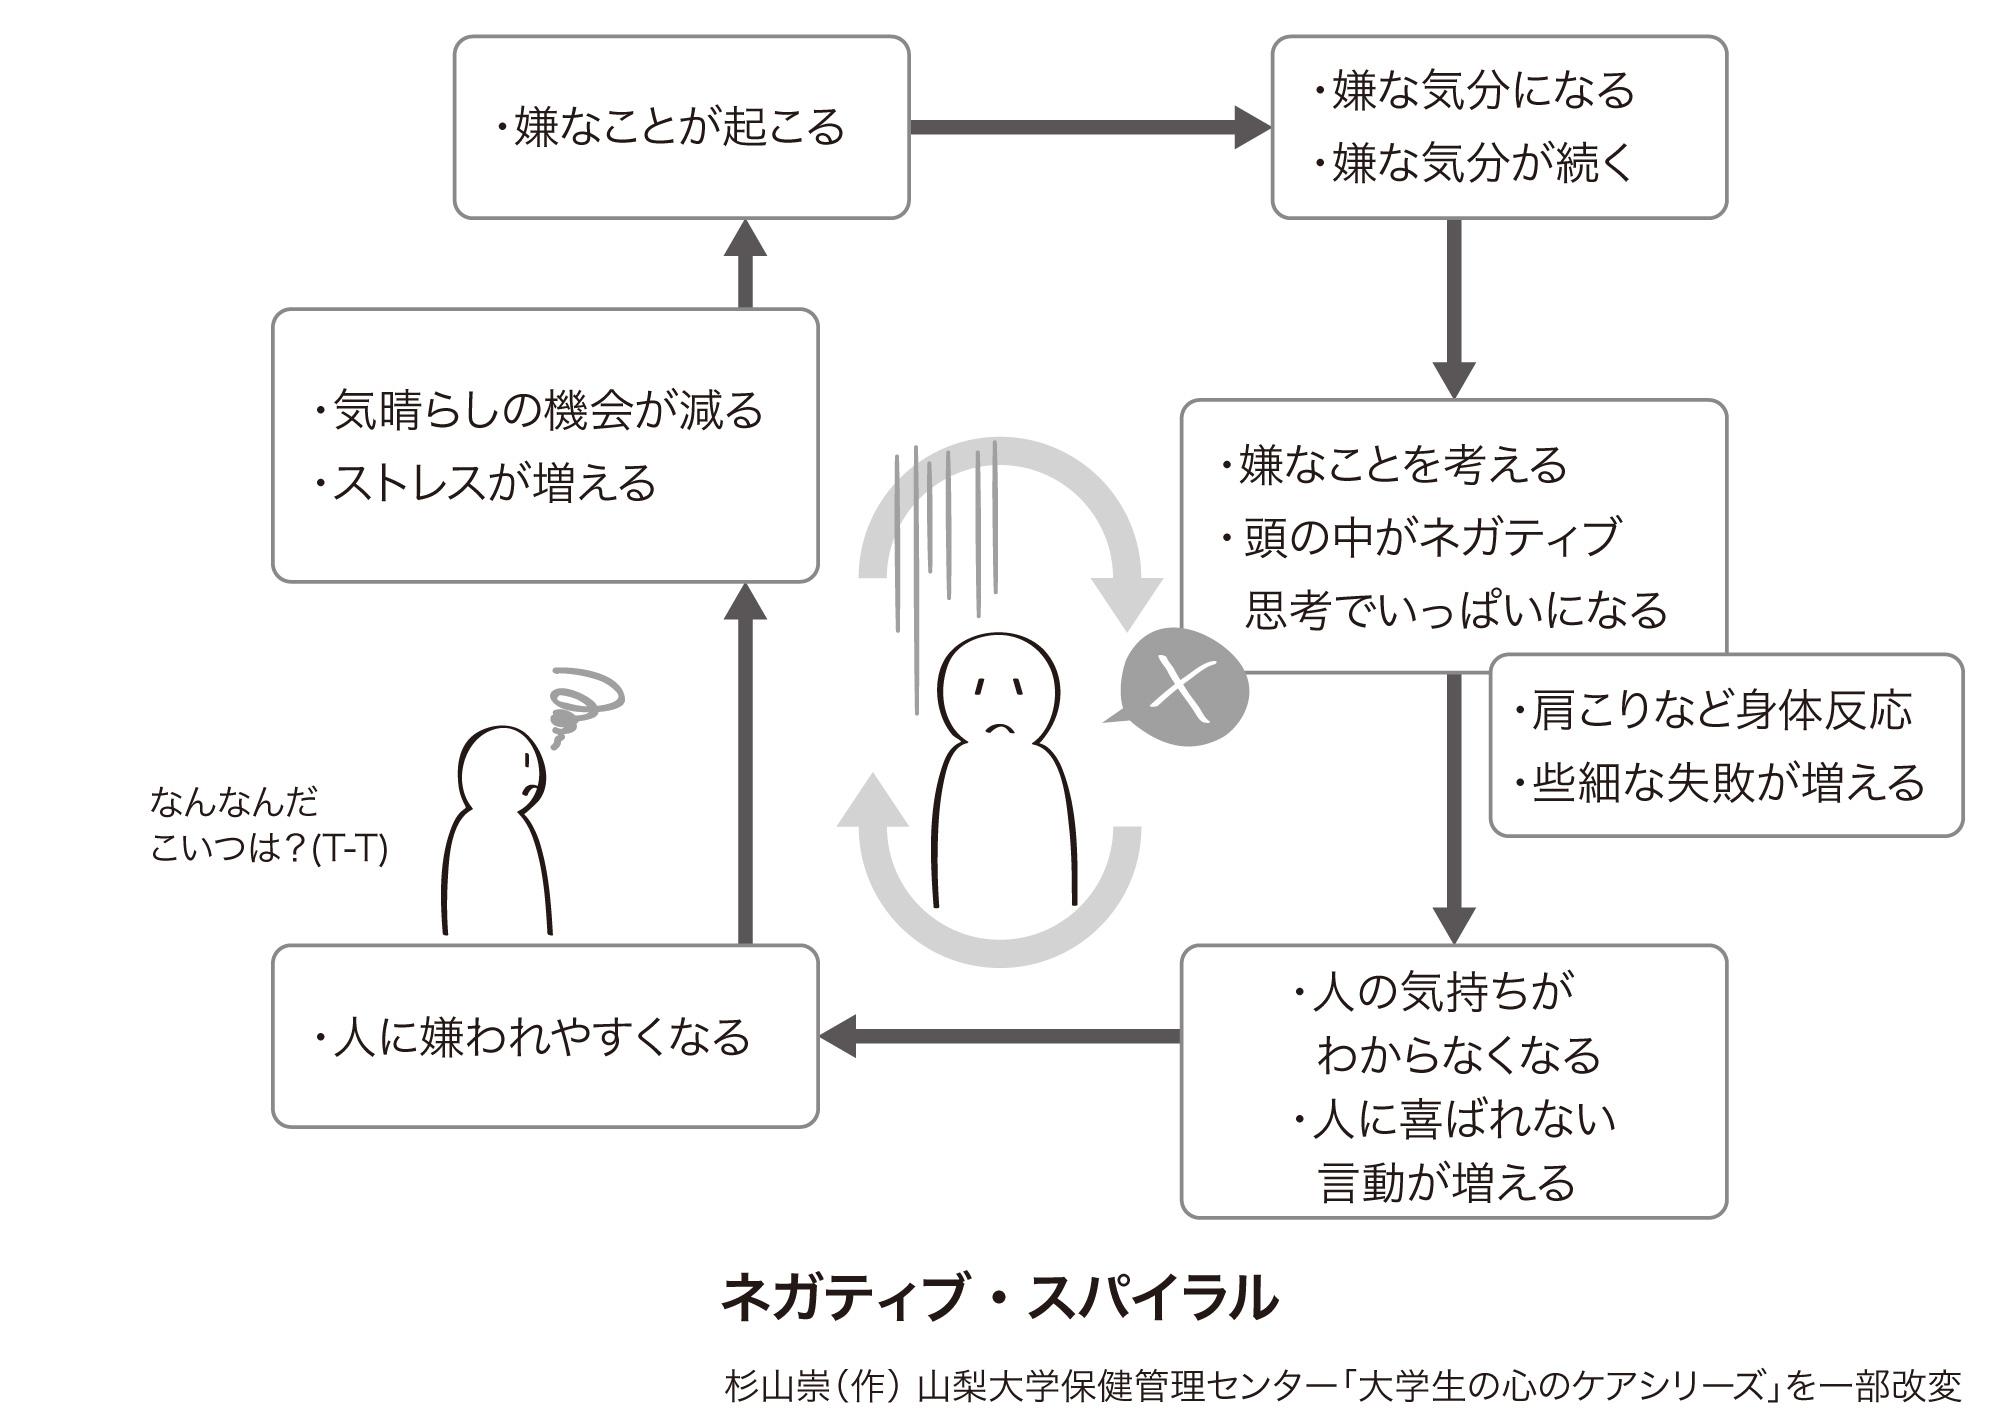 うつ 病 の 行動 パターン